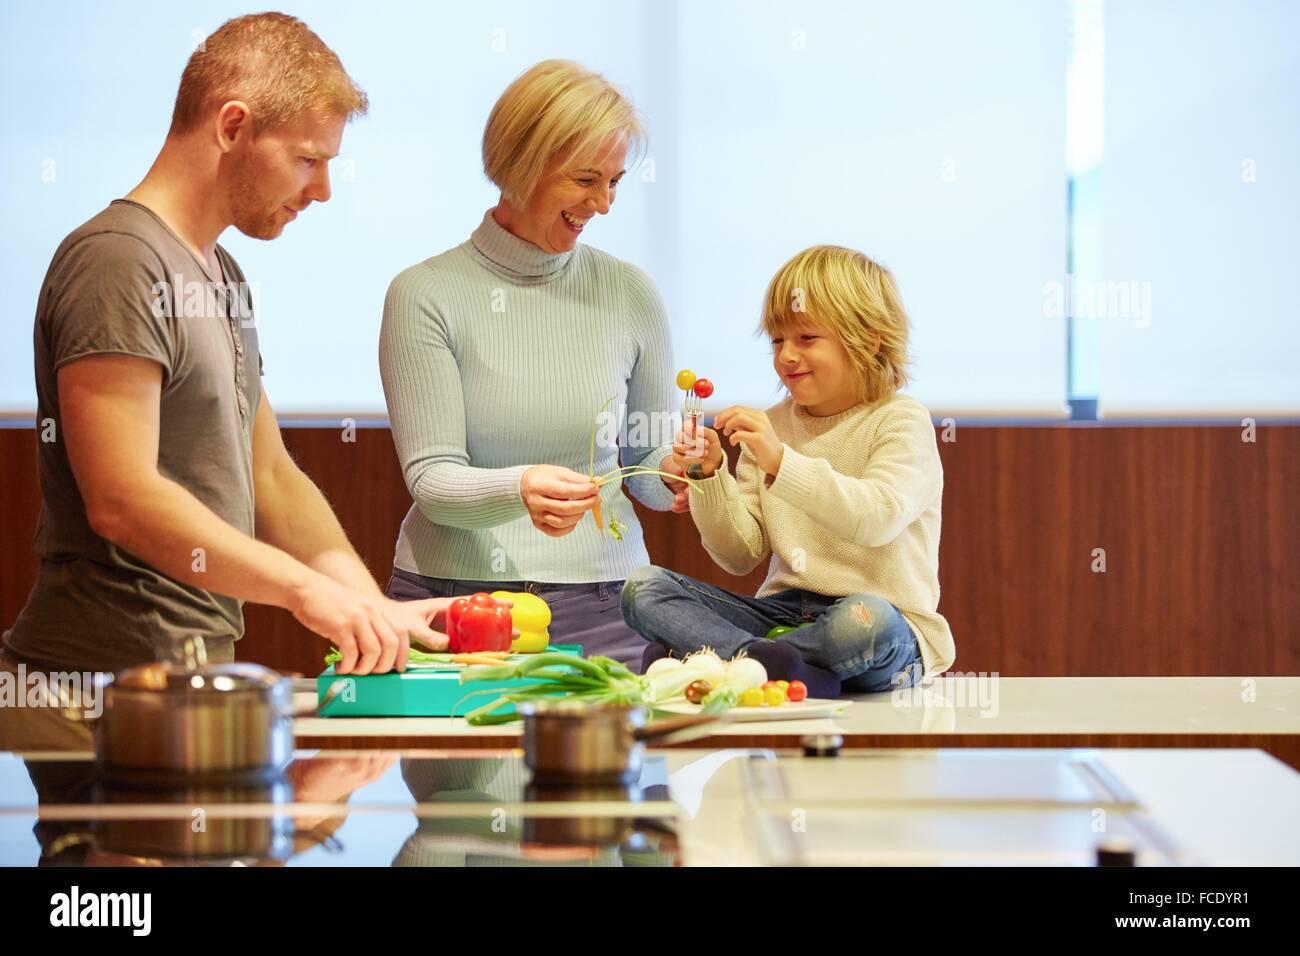 Famille dans la cuisine. Trois générations. L'alimentation saine. Une croissance saine. Les légumes. Photo Stock